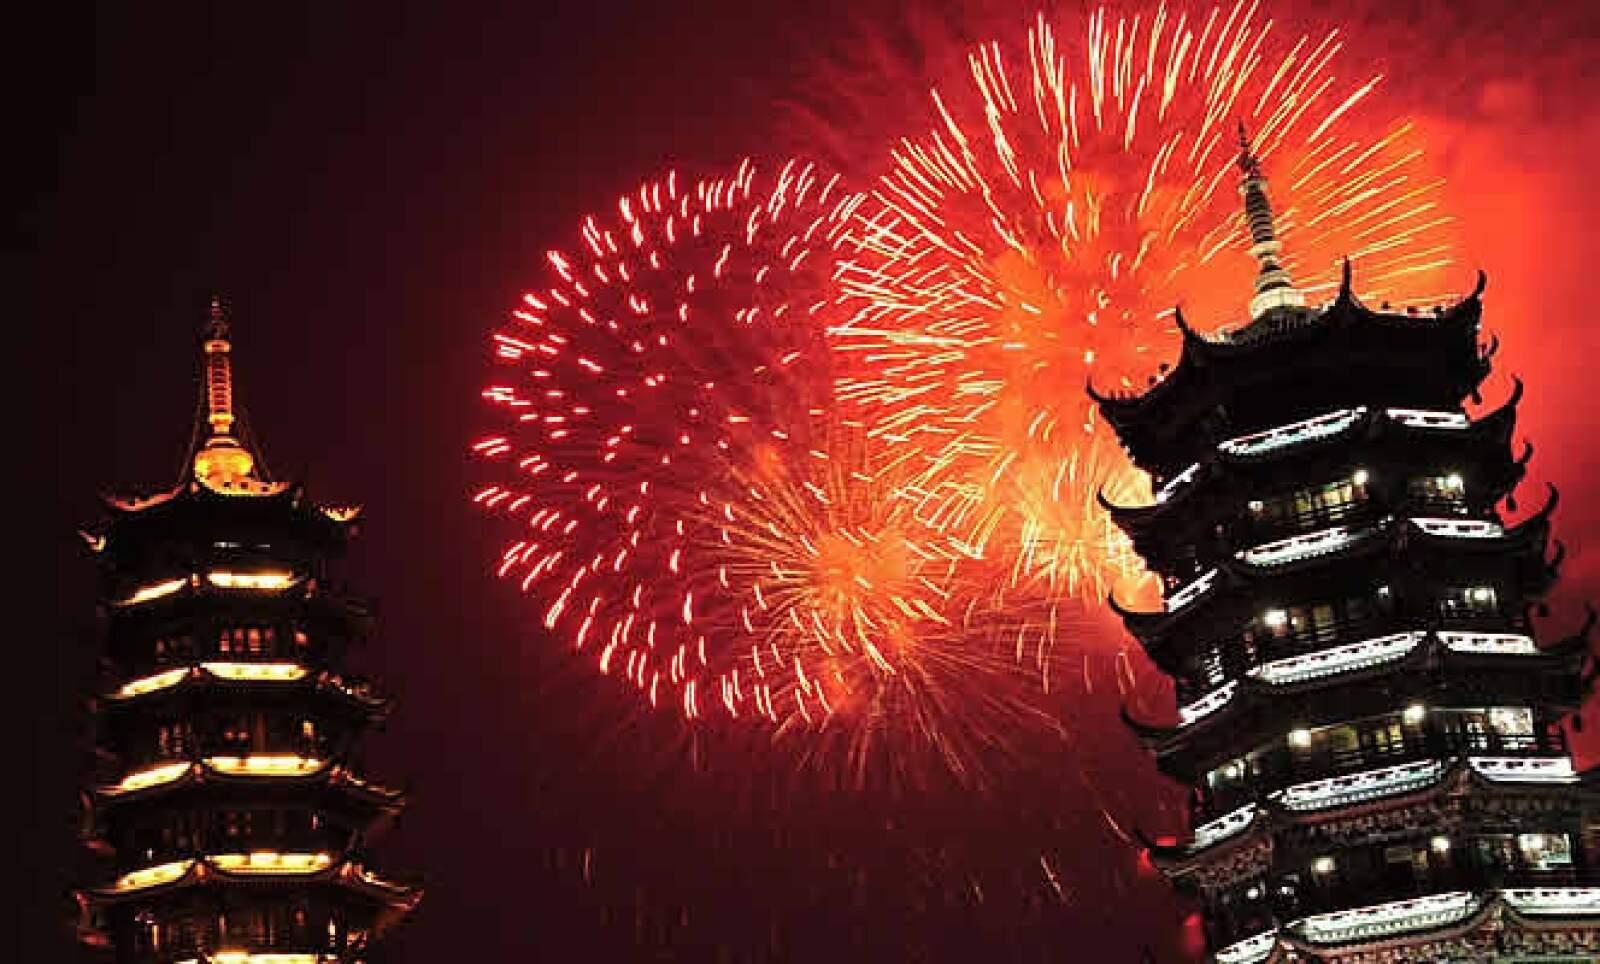 El cielo de Beijing, China, se iluminó así el jueves para la celebración de 6 décadas de la fundación de la República Popular de China.